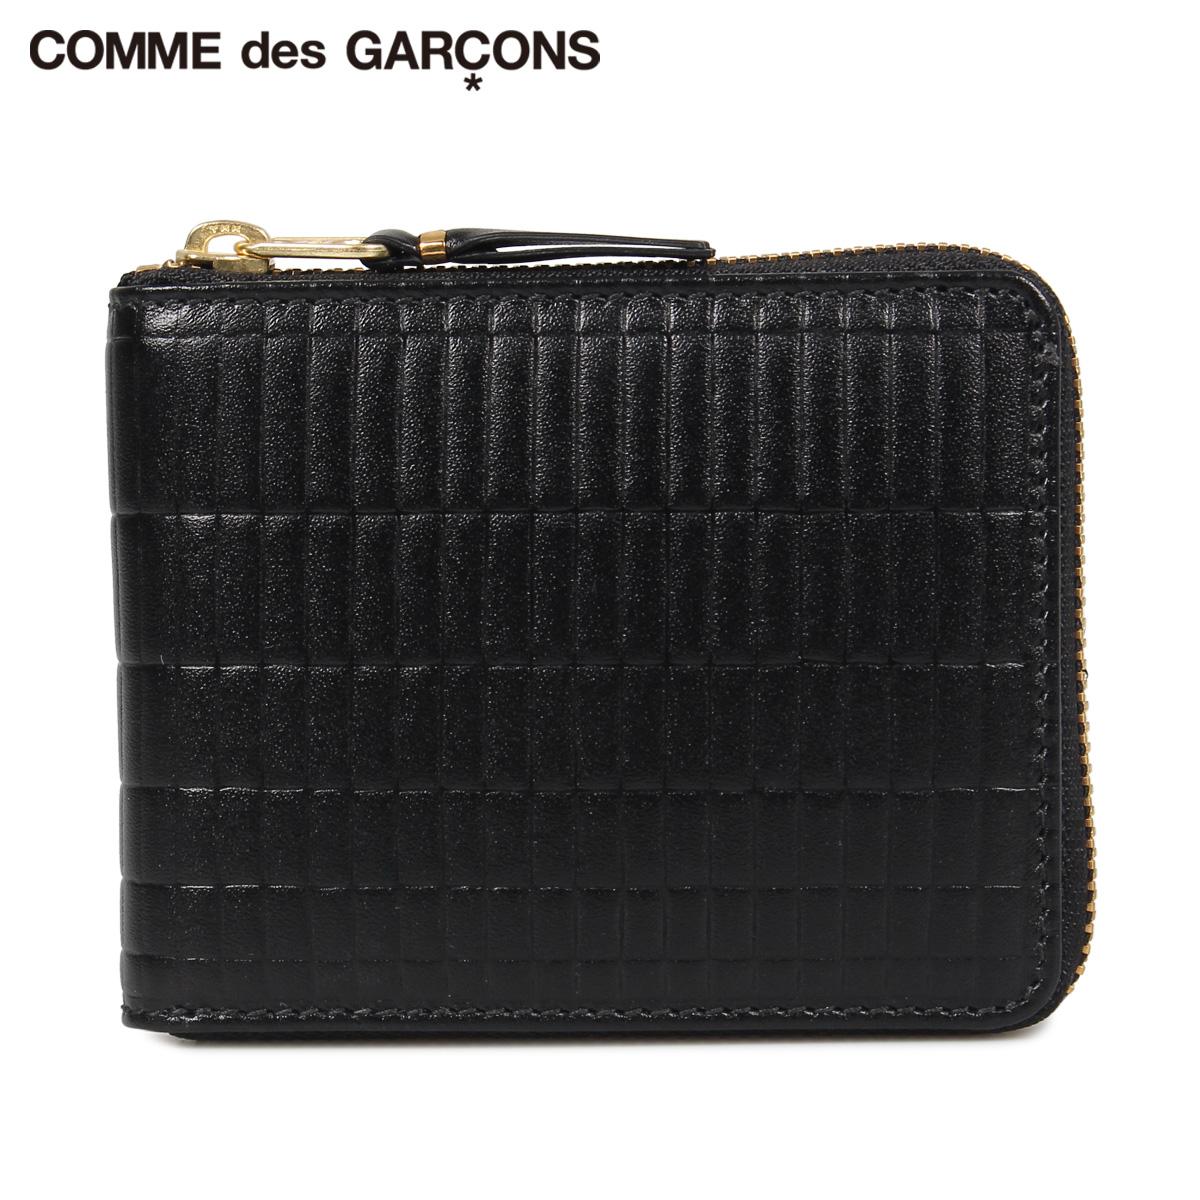 COMME des GARCONS コムデギャルソン 財布 二つ折り メンズ レディース ラウンドファスナー 本革 BRICK WALLET ブラック 黒 SA7100BK